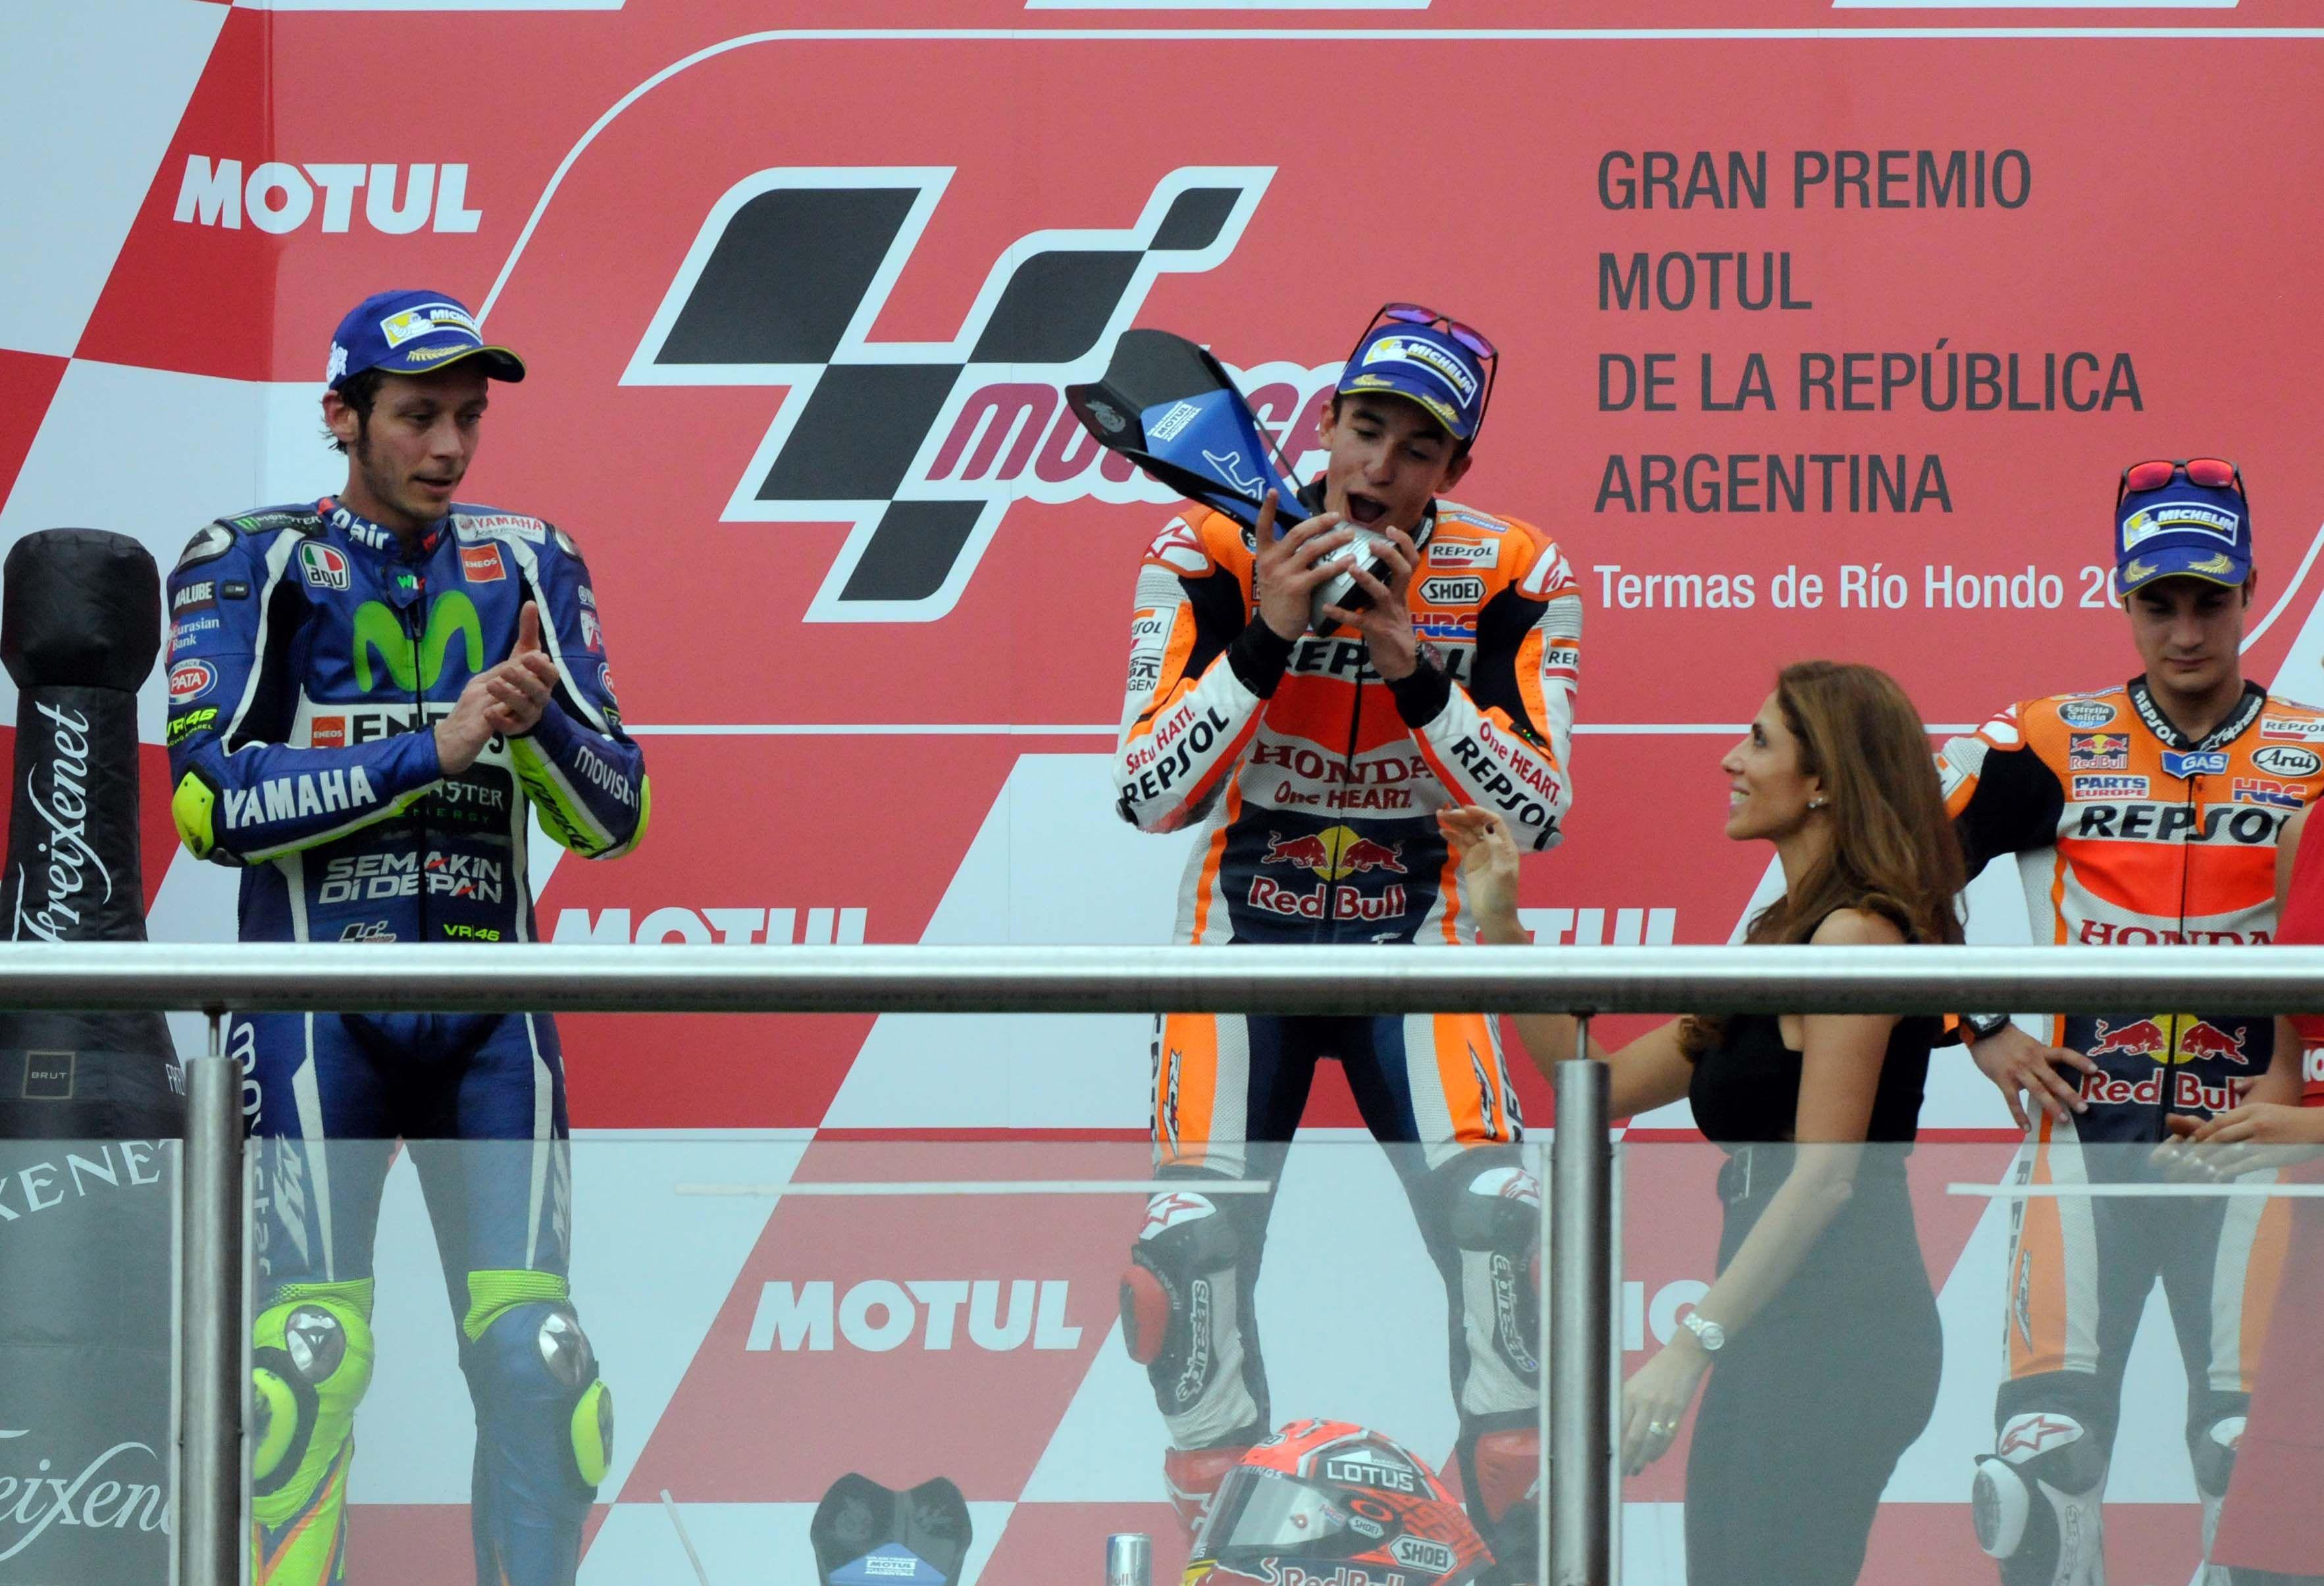 Me lo como todo. Márquez recibe el trofeo y parece querer darle un mordiscón mientras el gran Valentino Rossi aplaude tibiamente.